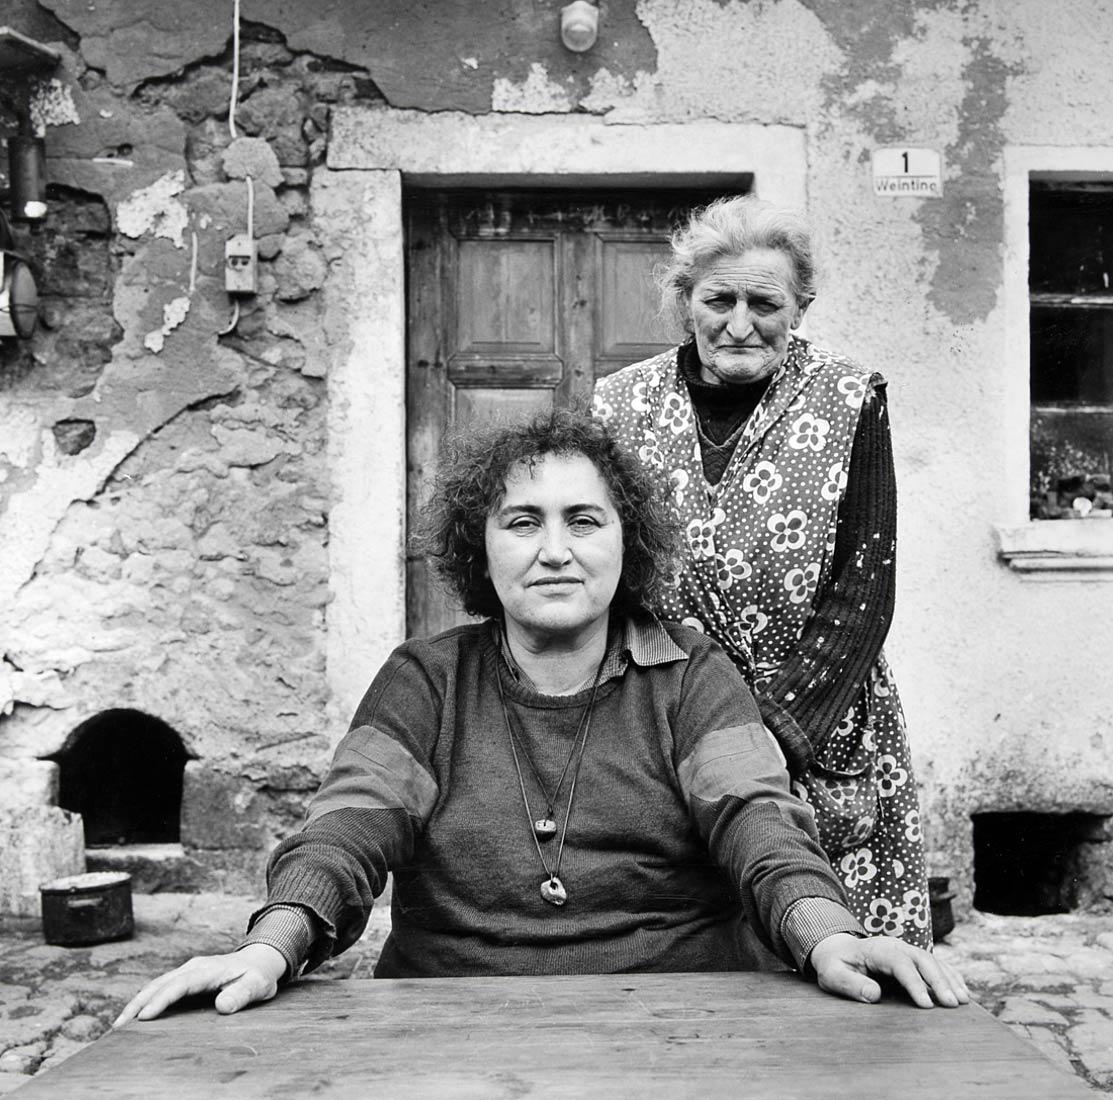 Sagenforscherin Emmi Böck mit Gewährsfrau - Weinting bei Nittenau 1987